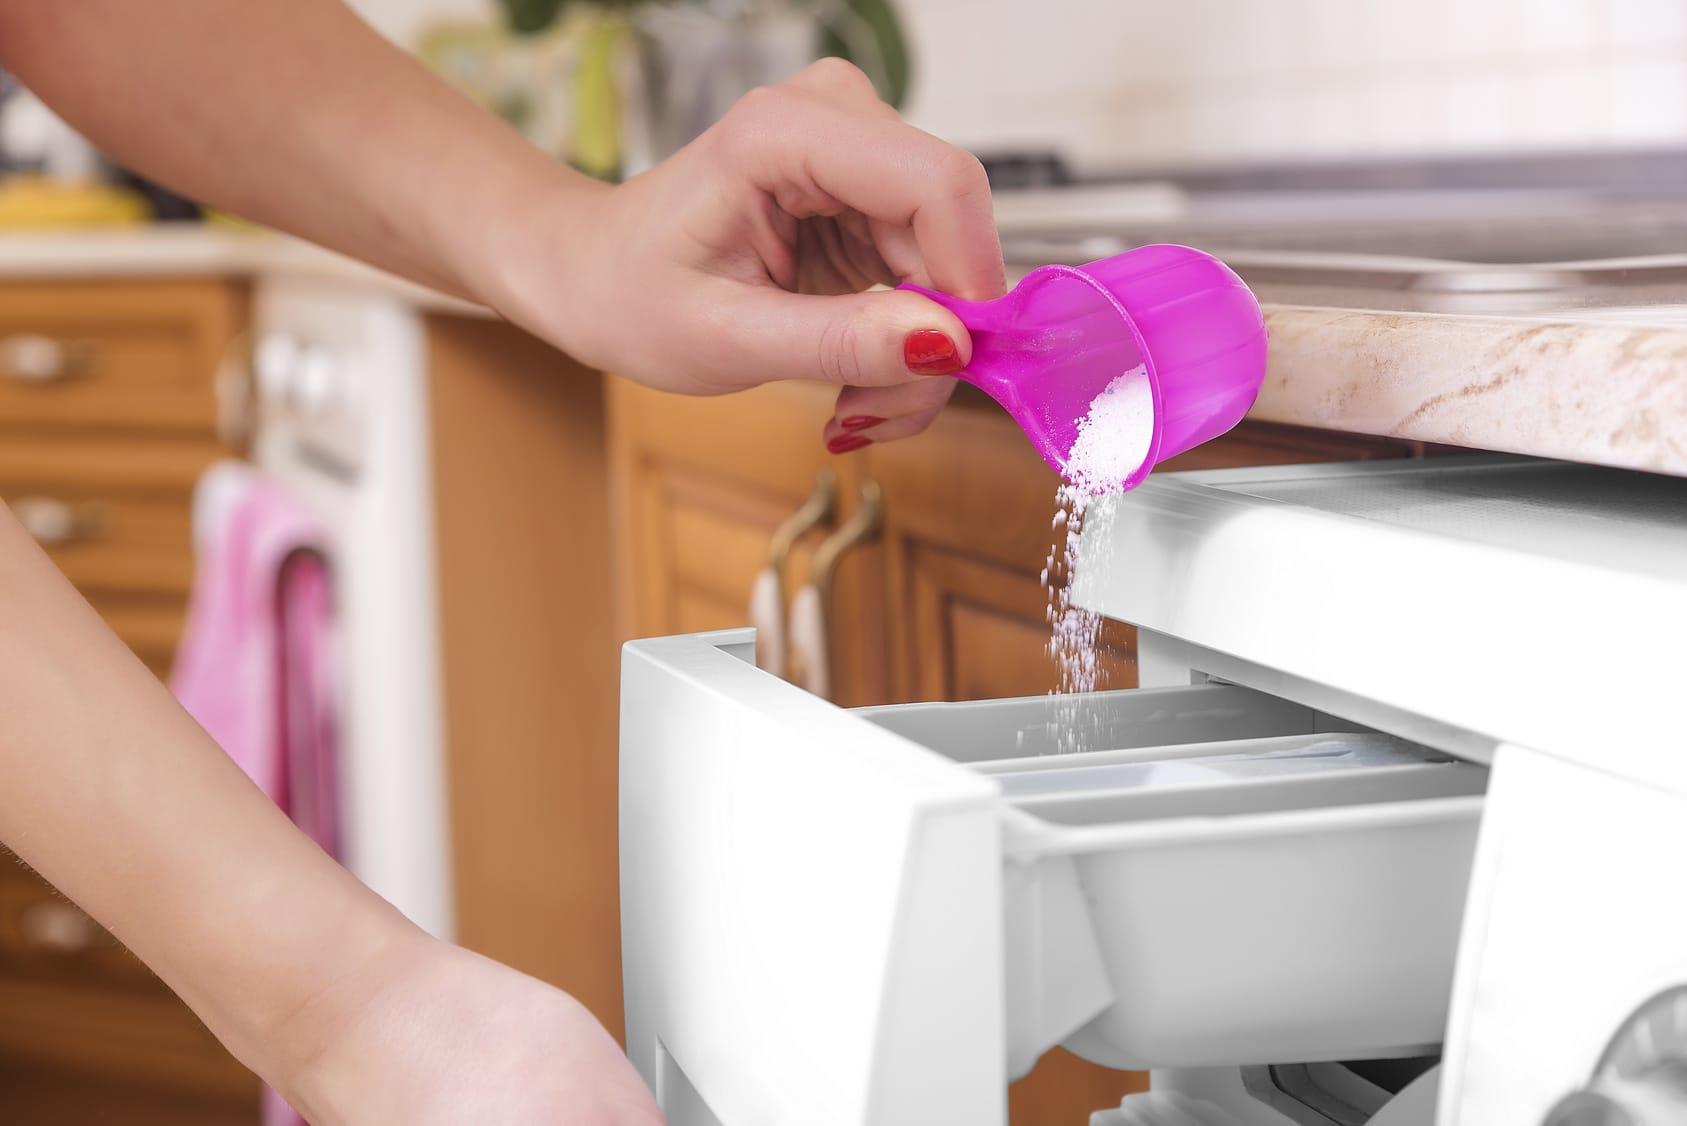 Waschmittel dosieren – So machen Sie es richtig